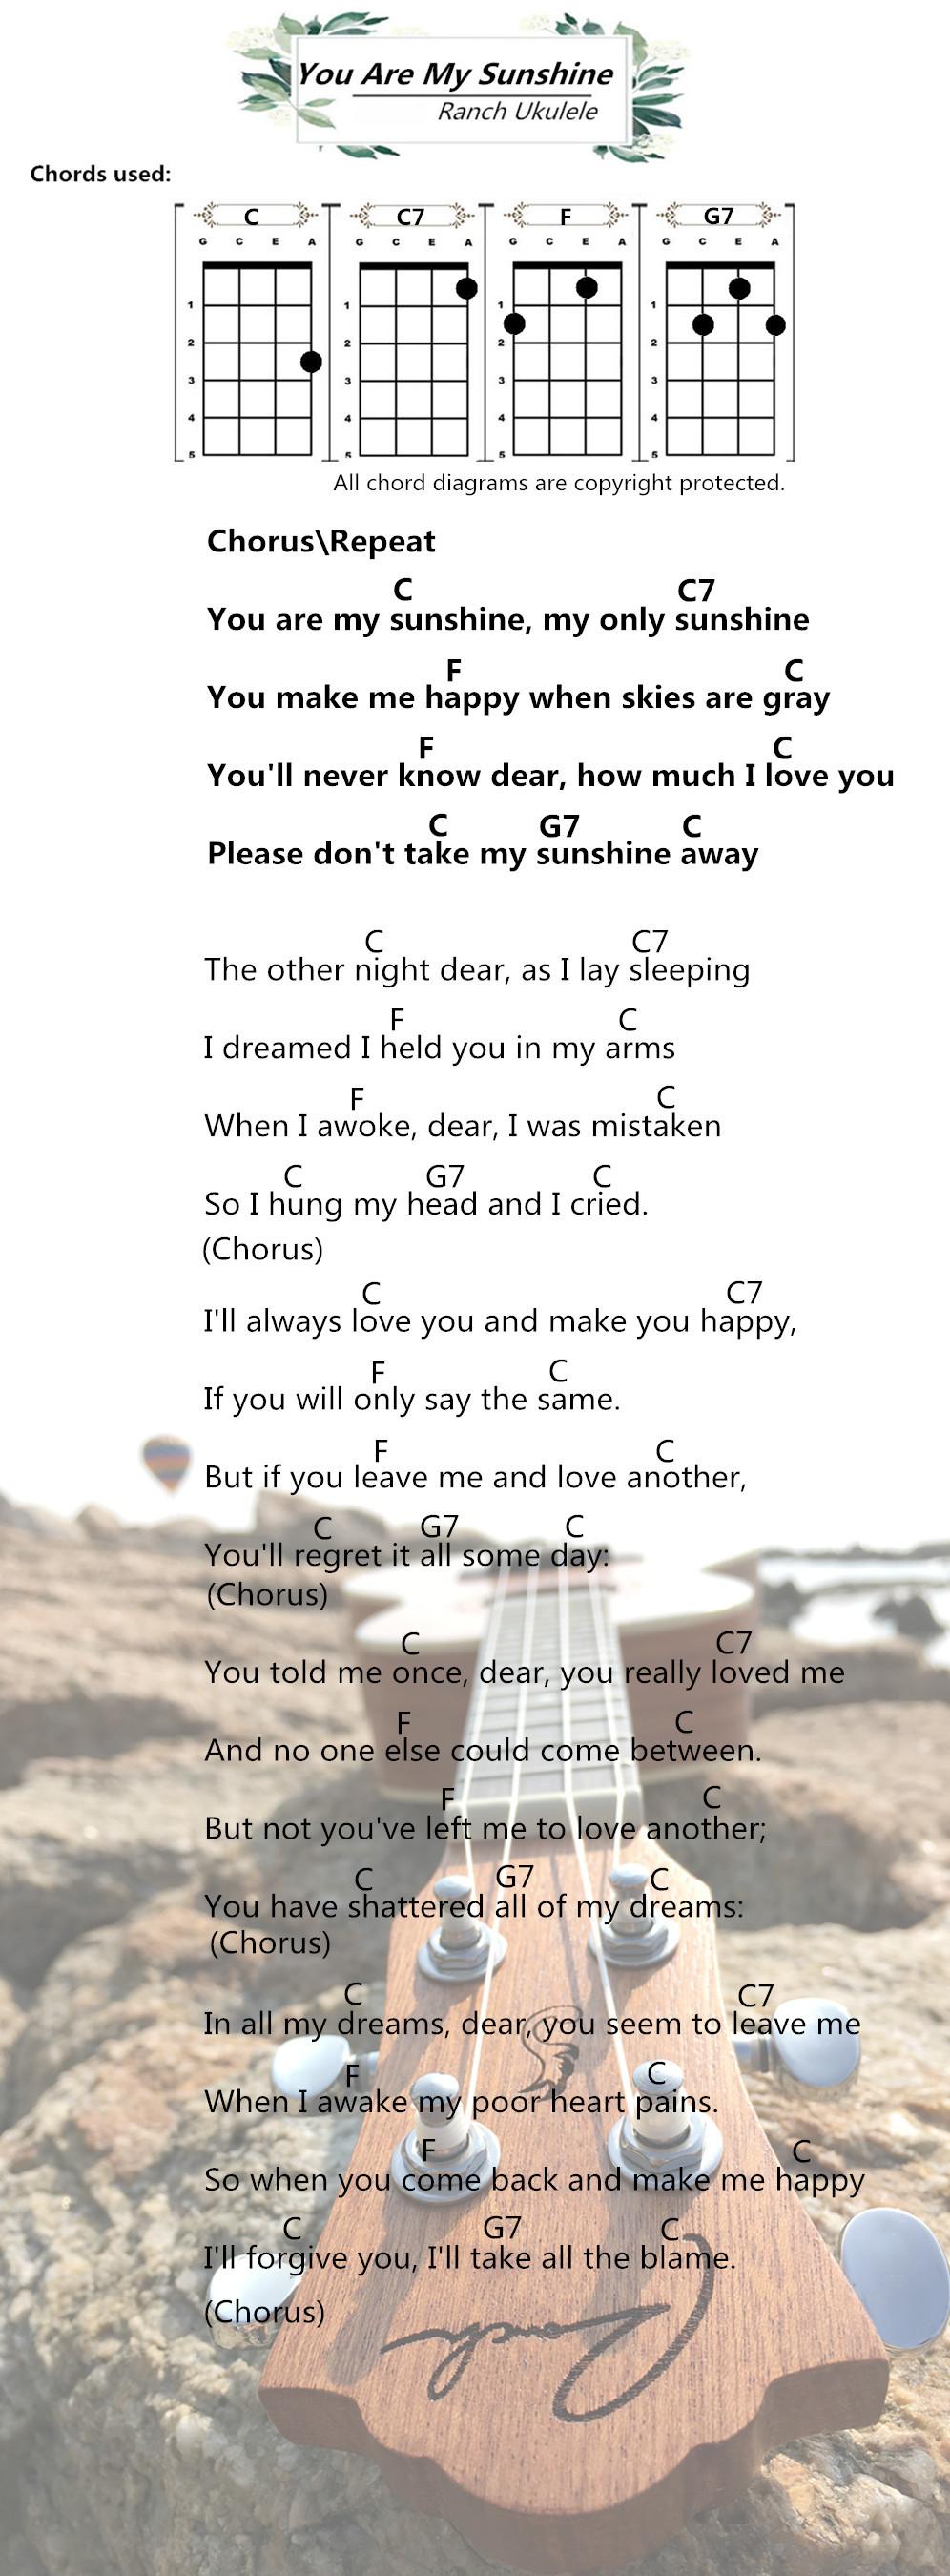 You Are My Sunshine Ukulele Notes : sunshine, ukulele, notes, Ukulele, Chords, –YOU, SUNSHINE, Ranch, Songs, Tutorial, Chords,, Ukulele,